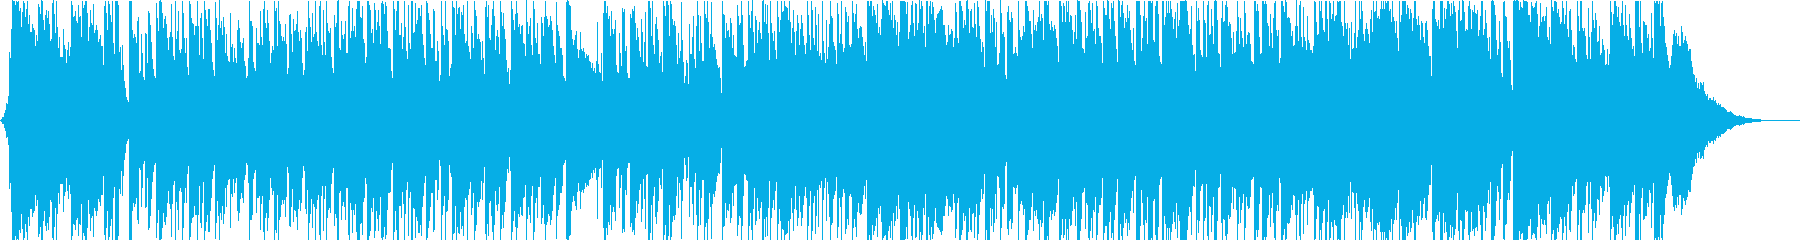 エレガントな雰囲気のボッサポップインストの再生済みの波形